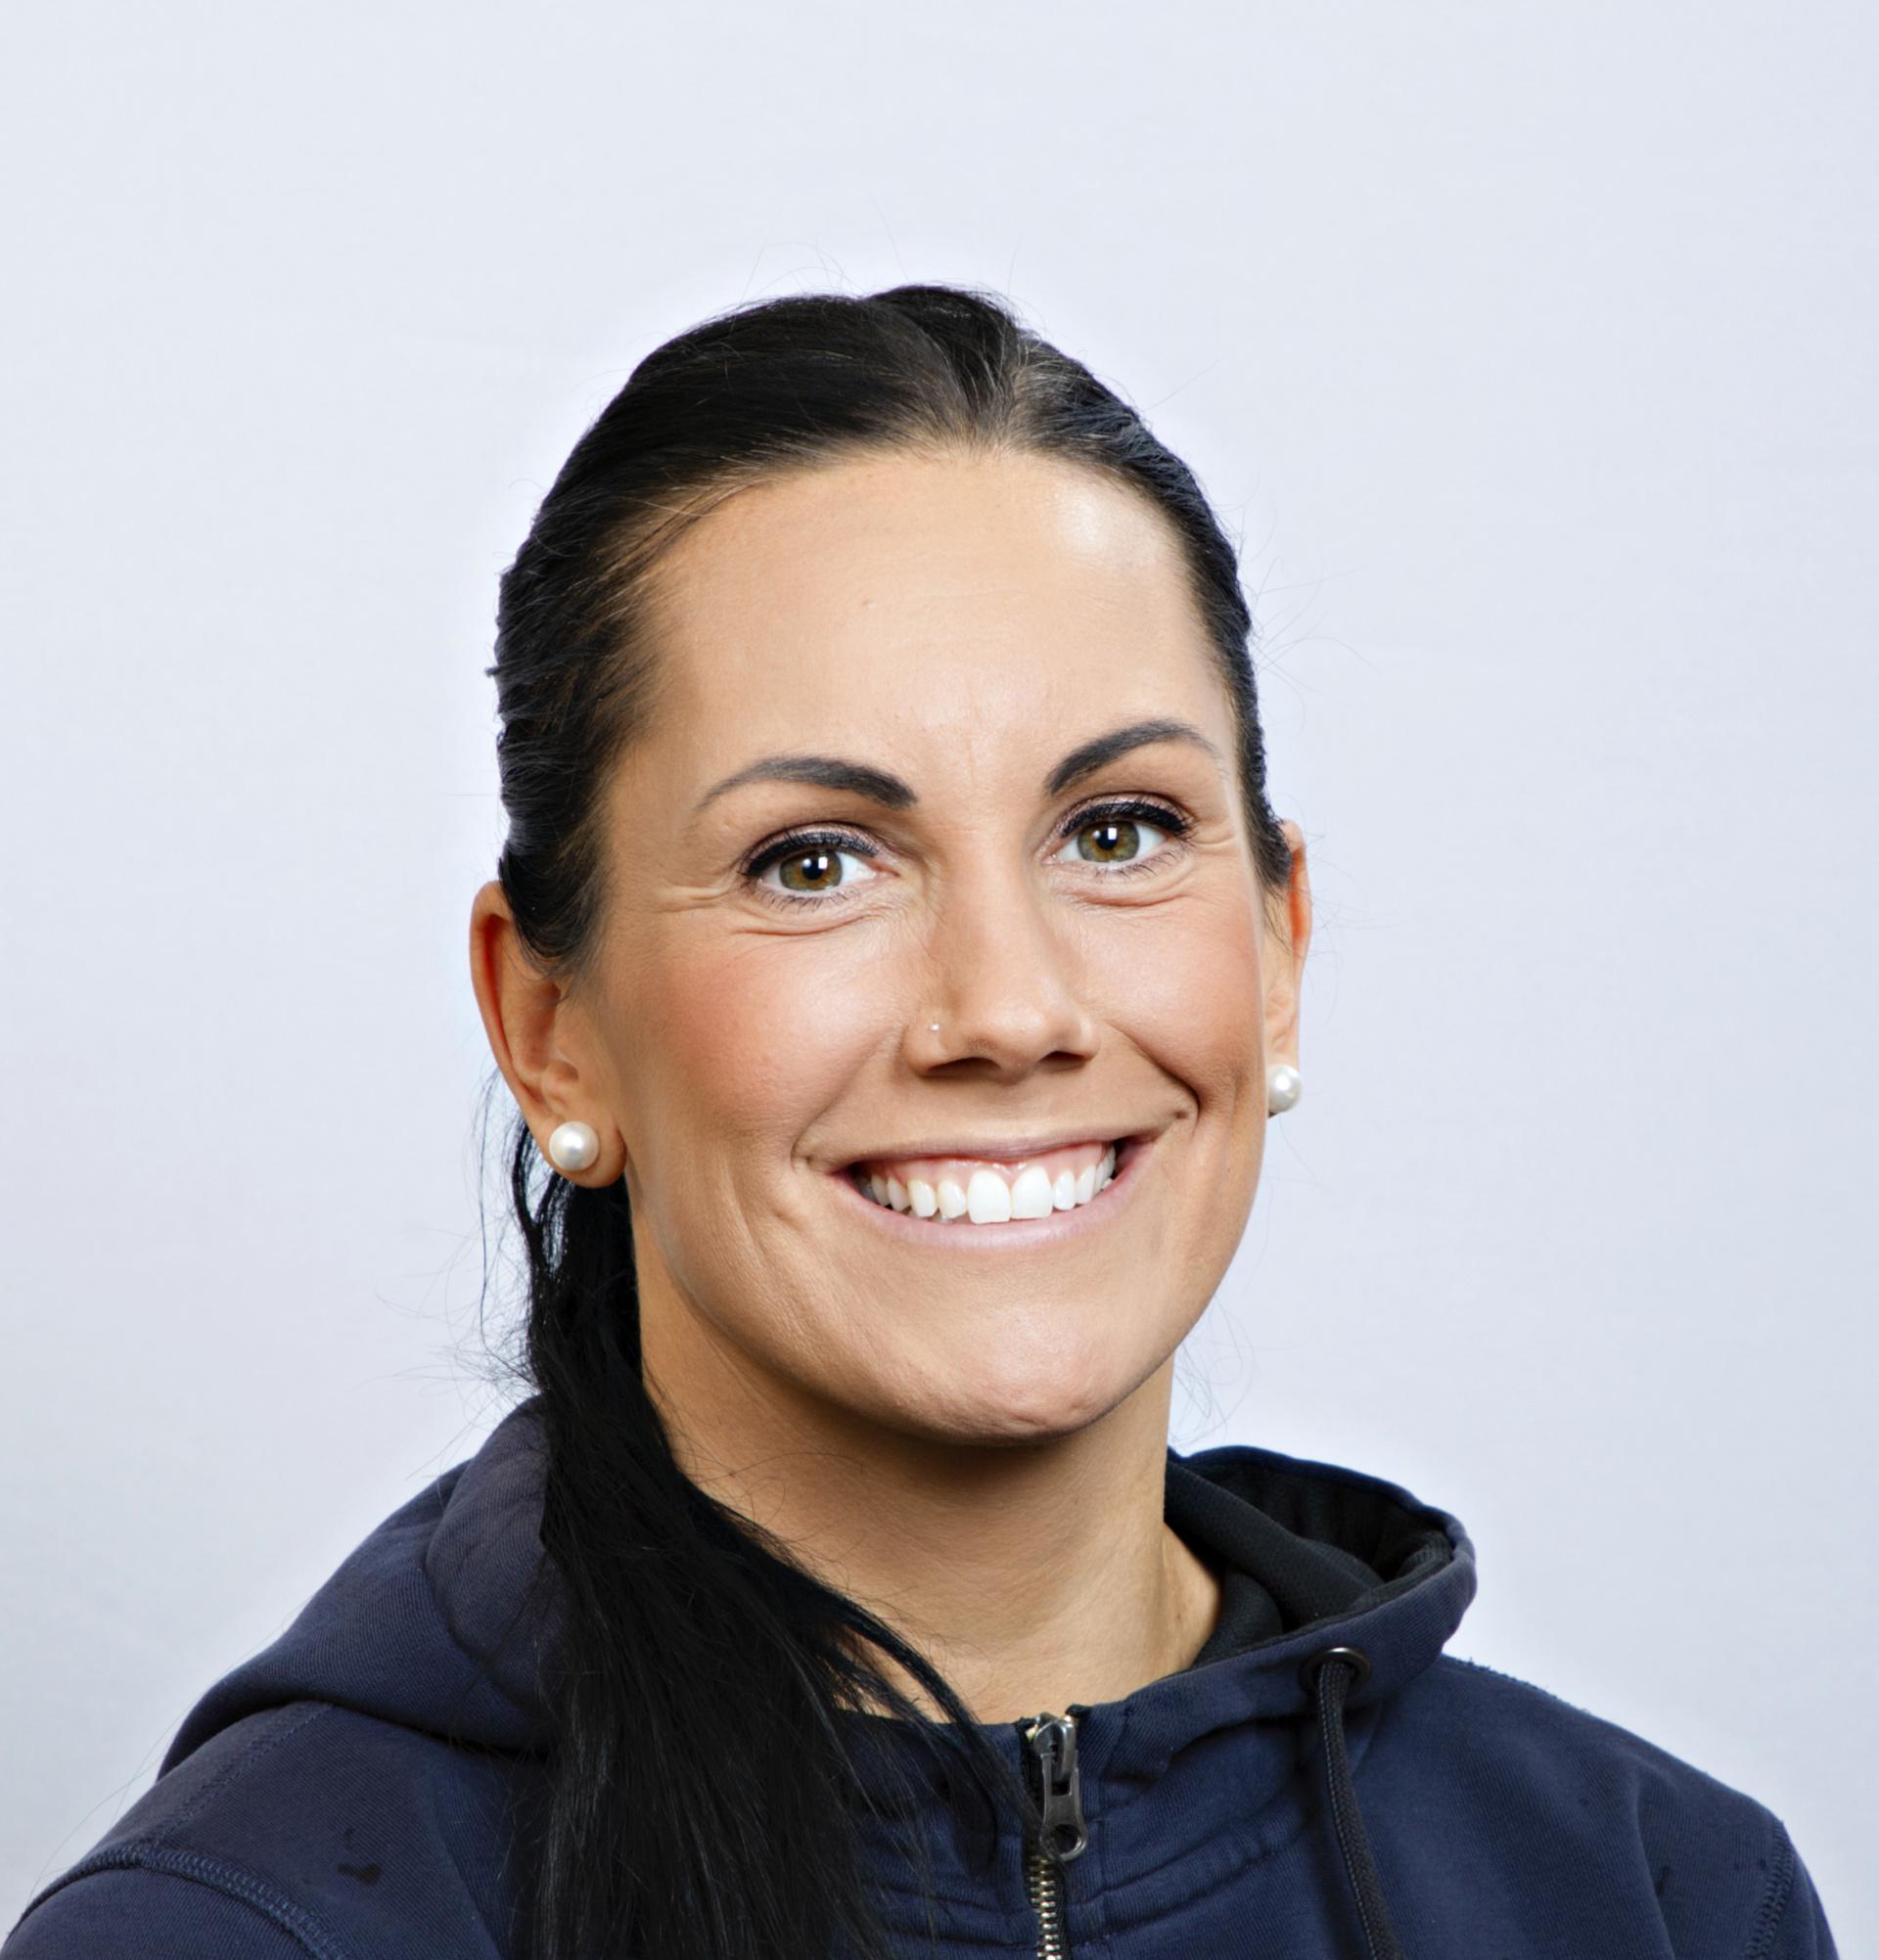 Marie Rosenlund